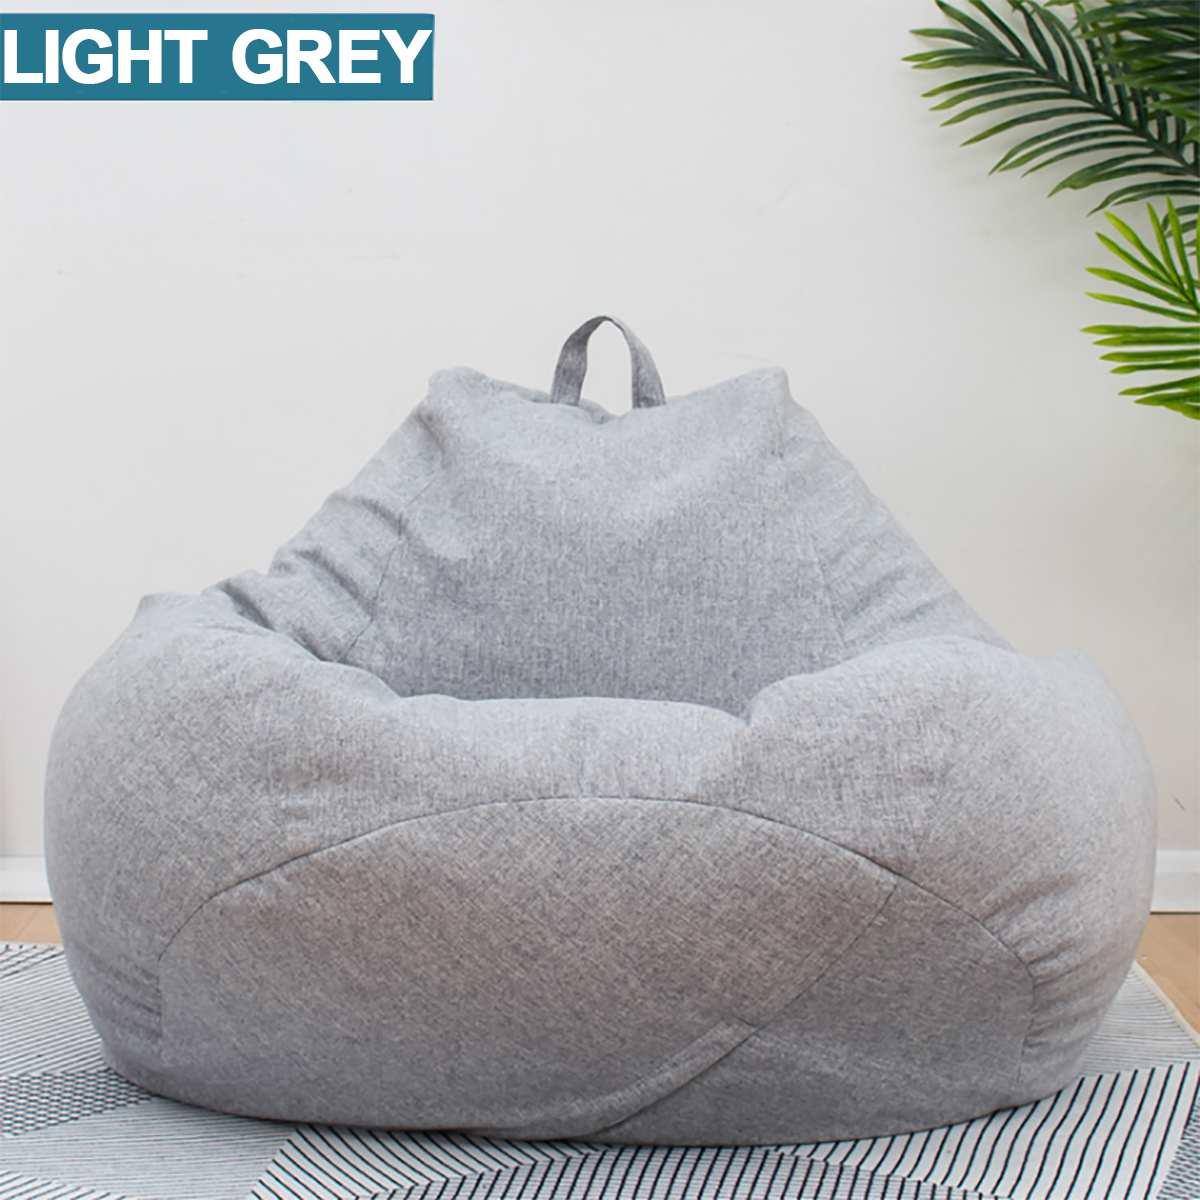 Preguiçoso beanbag sofás sem pano de linho espreguiçadeira assento saco de feijão sofá capa cadeiras puff puff tatami sala estar móveis